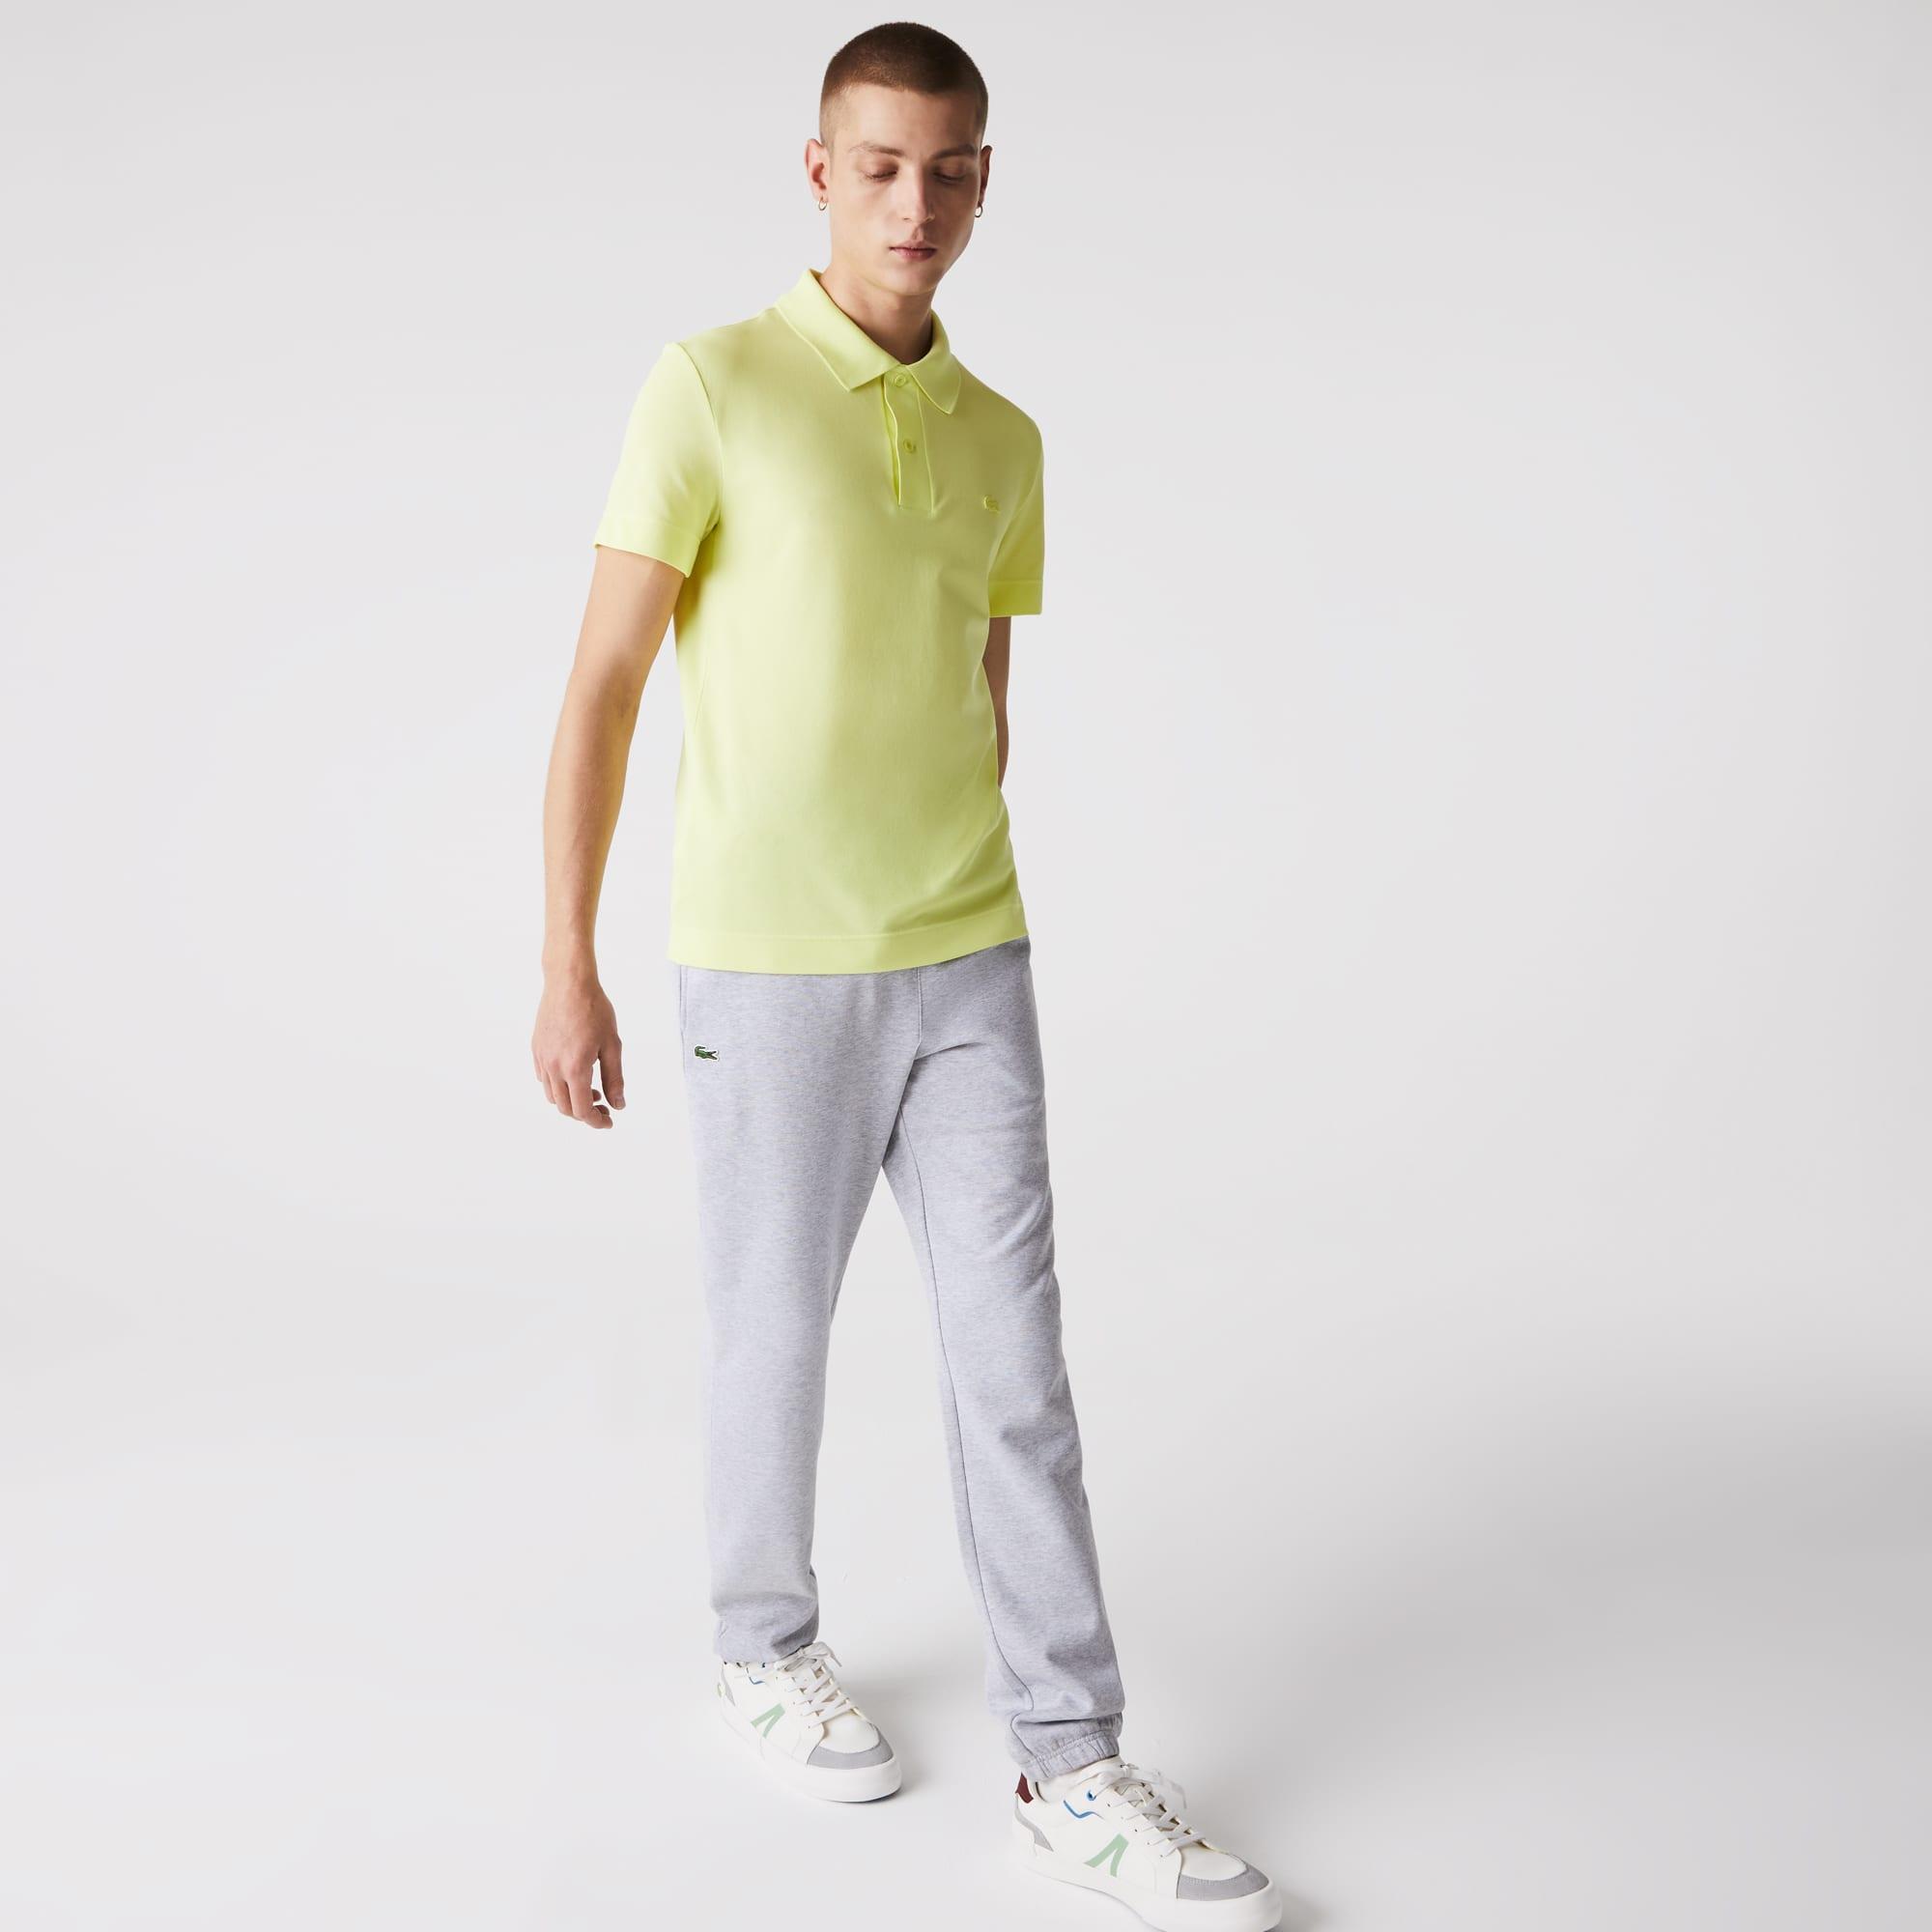 4469412dfa Survêtements homme | Vêtements Homme | LACOSTE SPORT